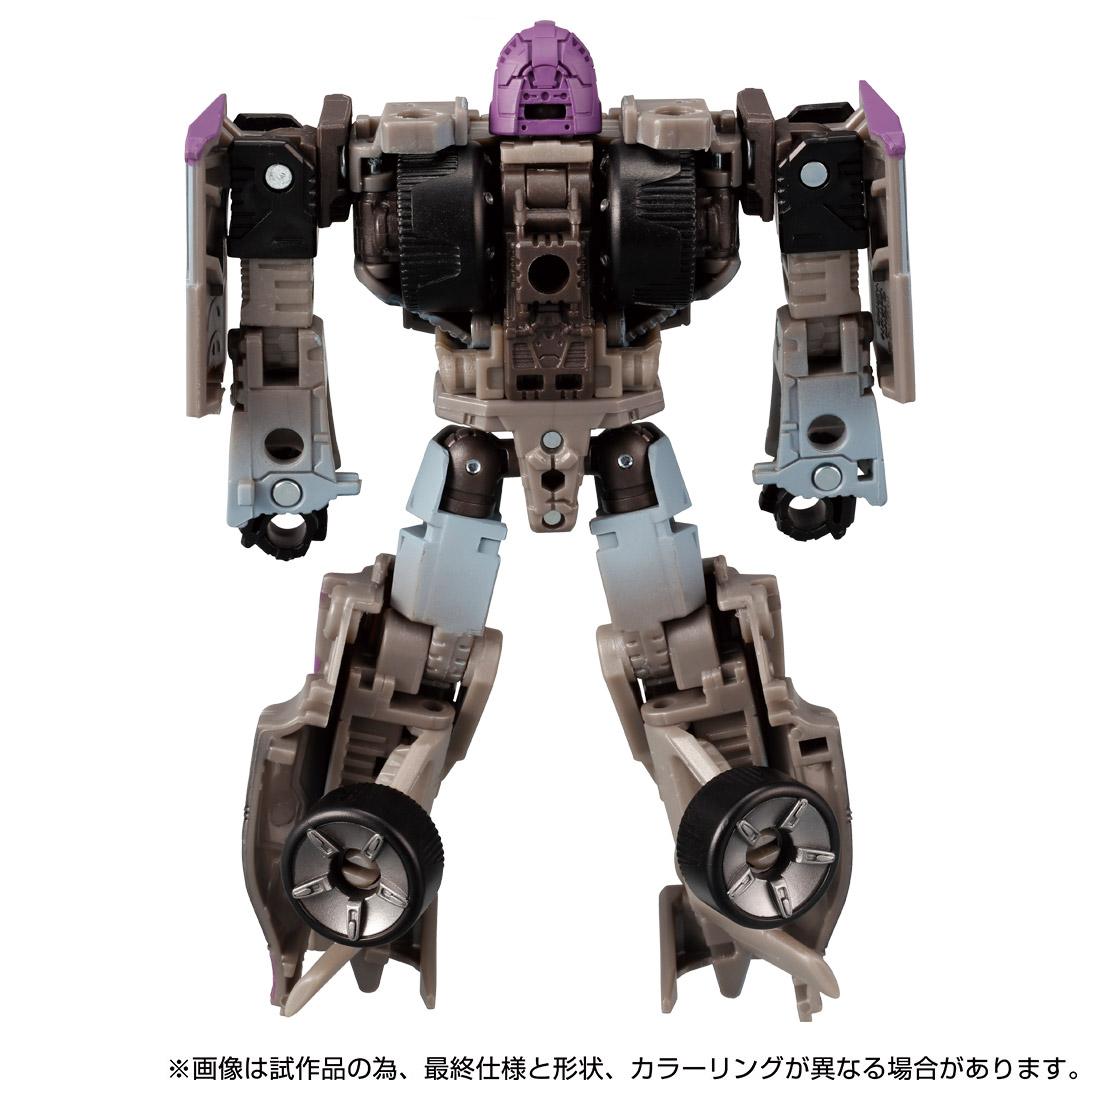 トランスフォーマー ウォーフォーサイバトロン『WFC-01 ミラージュ』可変可動フィギュア-005